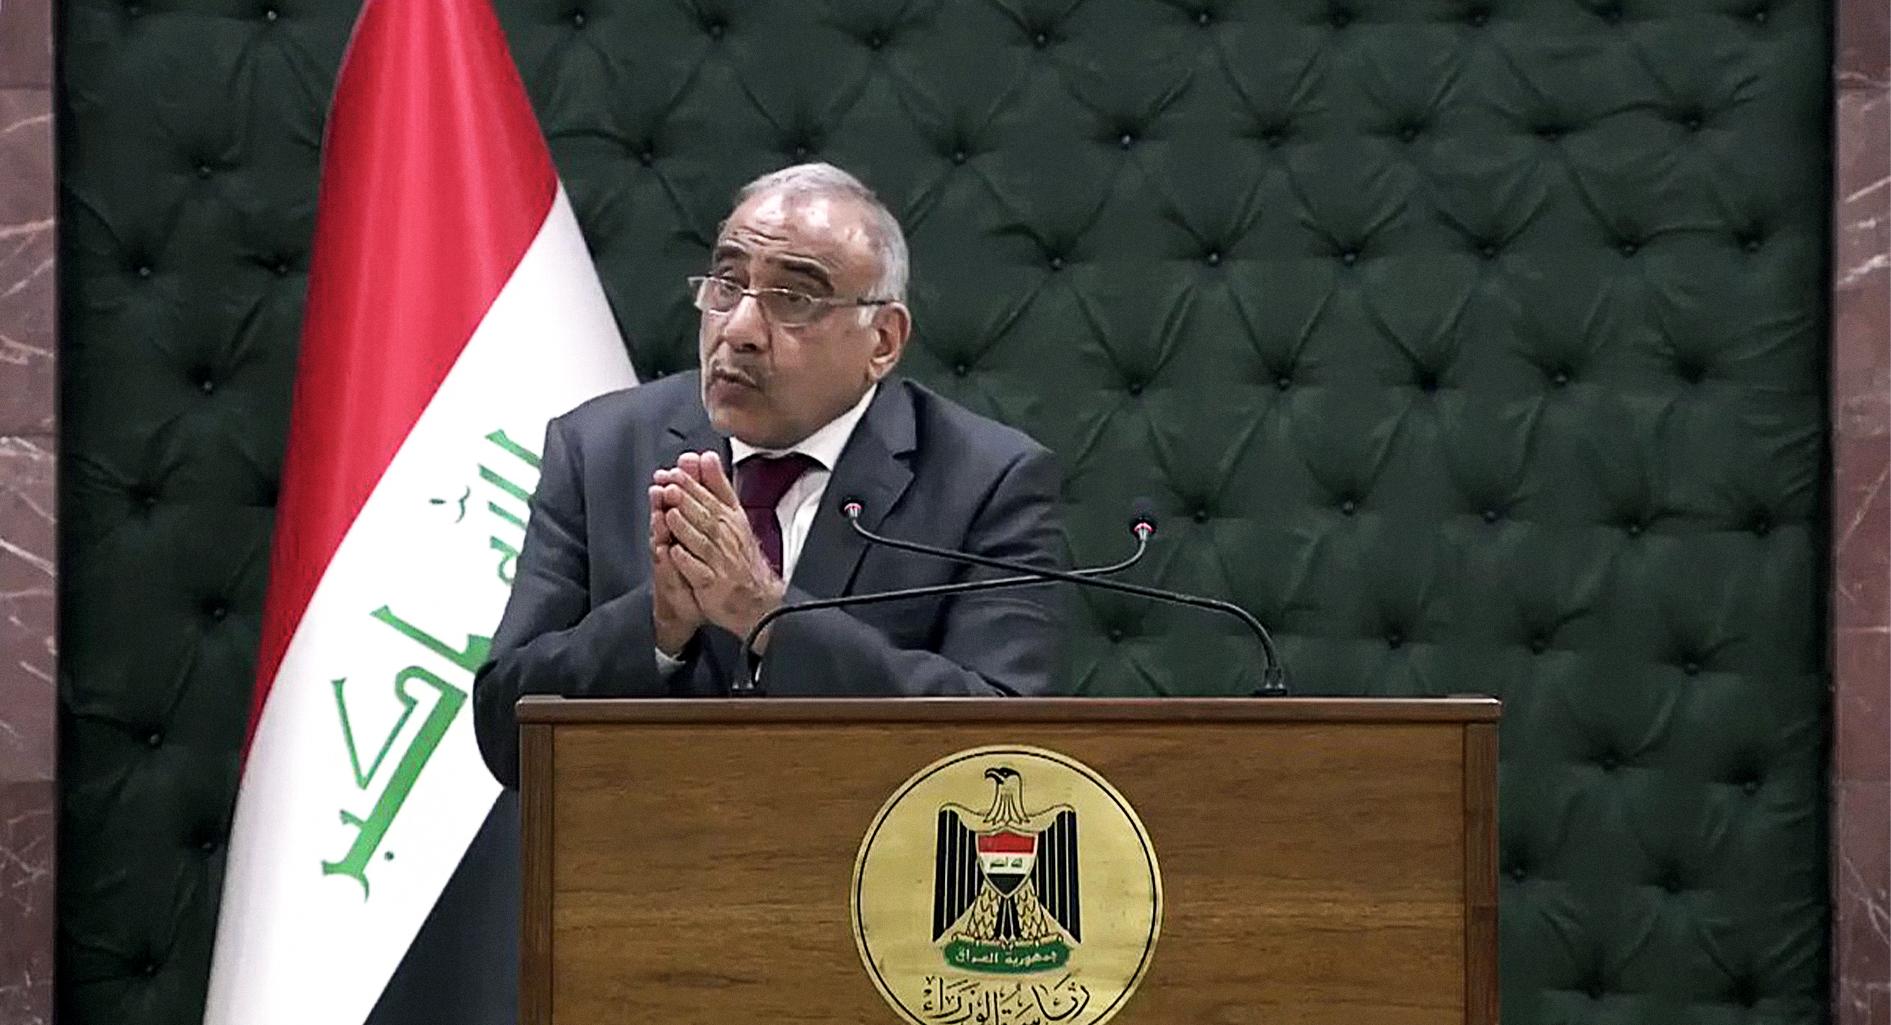 صورة السلطات العراقية تتعهَّد بإقالة مسؤول أمني واحد مقابل كل ٢٠٠ قتيل من المتظاهرين